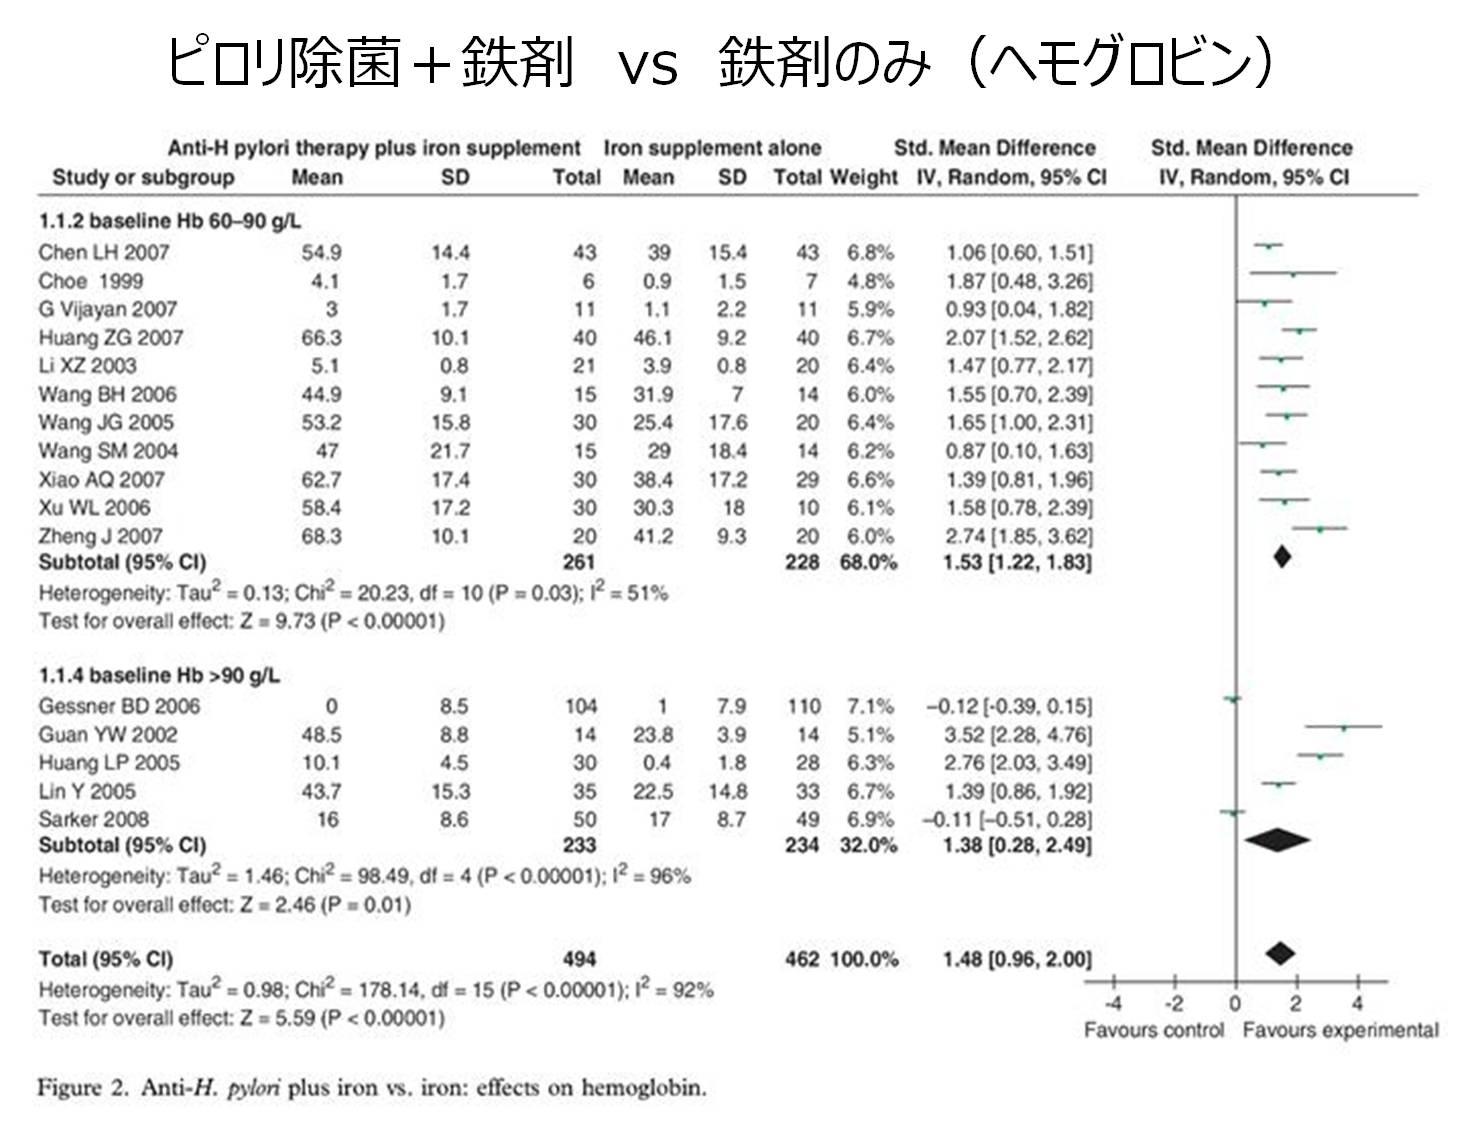 ピロリ菌 鉄欠乏性貧血 ヘモグロビン